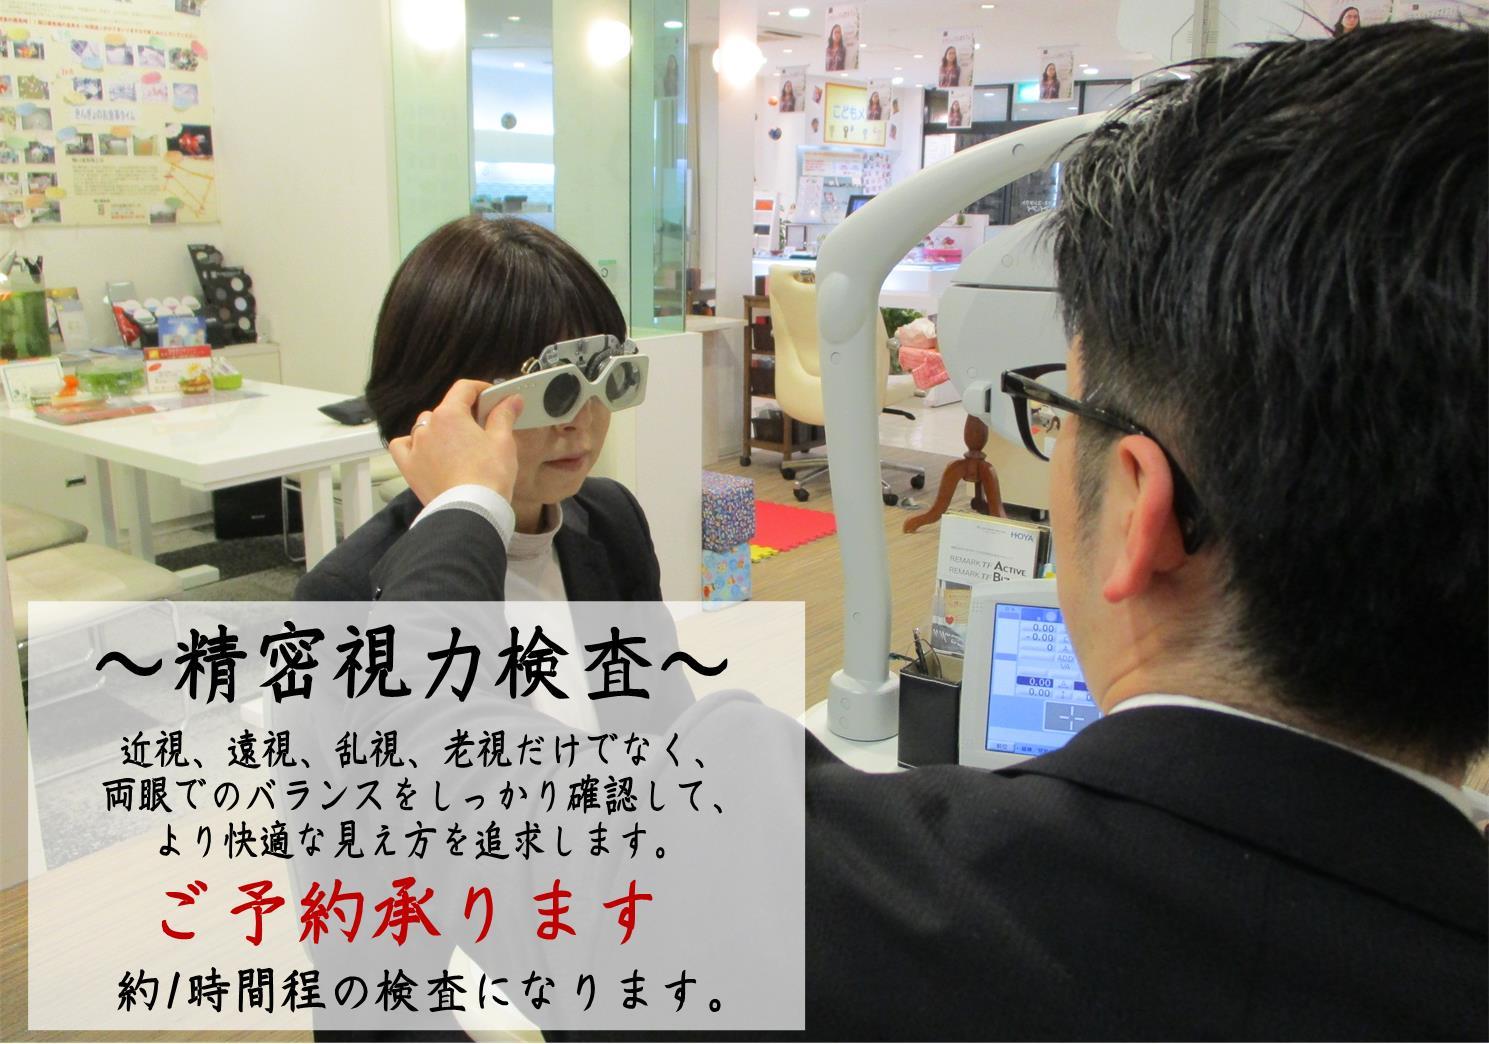 物がダブって見える 東京都内 両眼視機能 プリズム検査 口コミ 隠れ斜位 寄せ目 寄り目 眼精疲労 疲れ